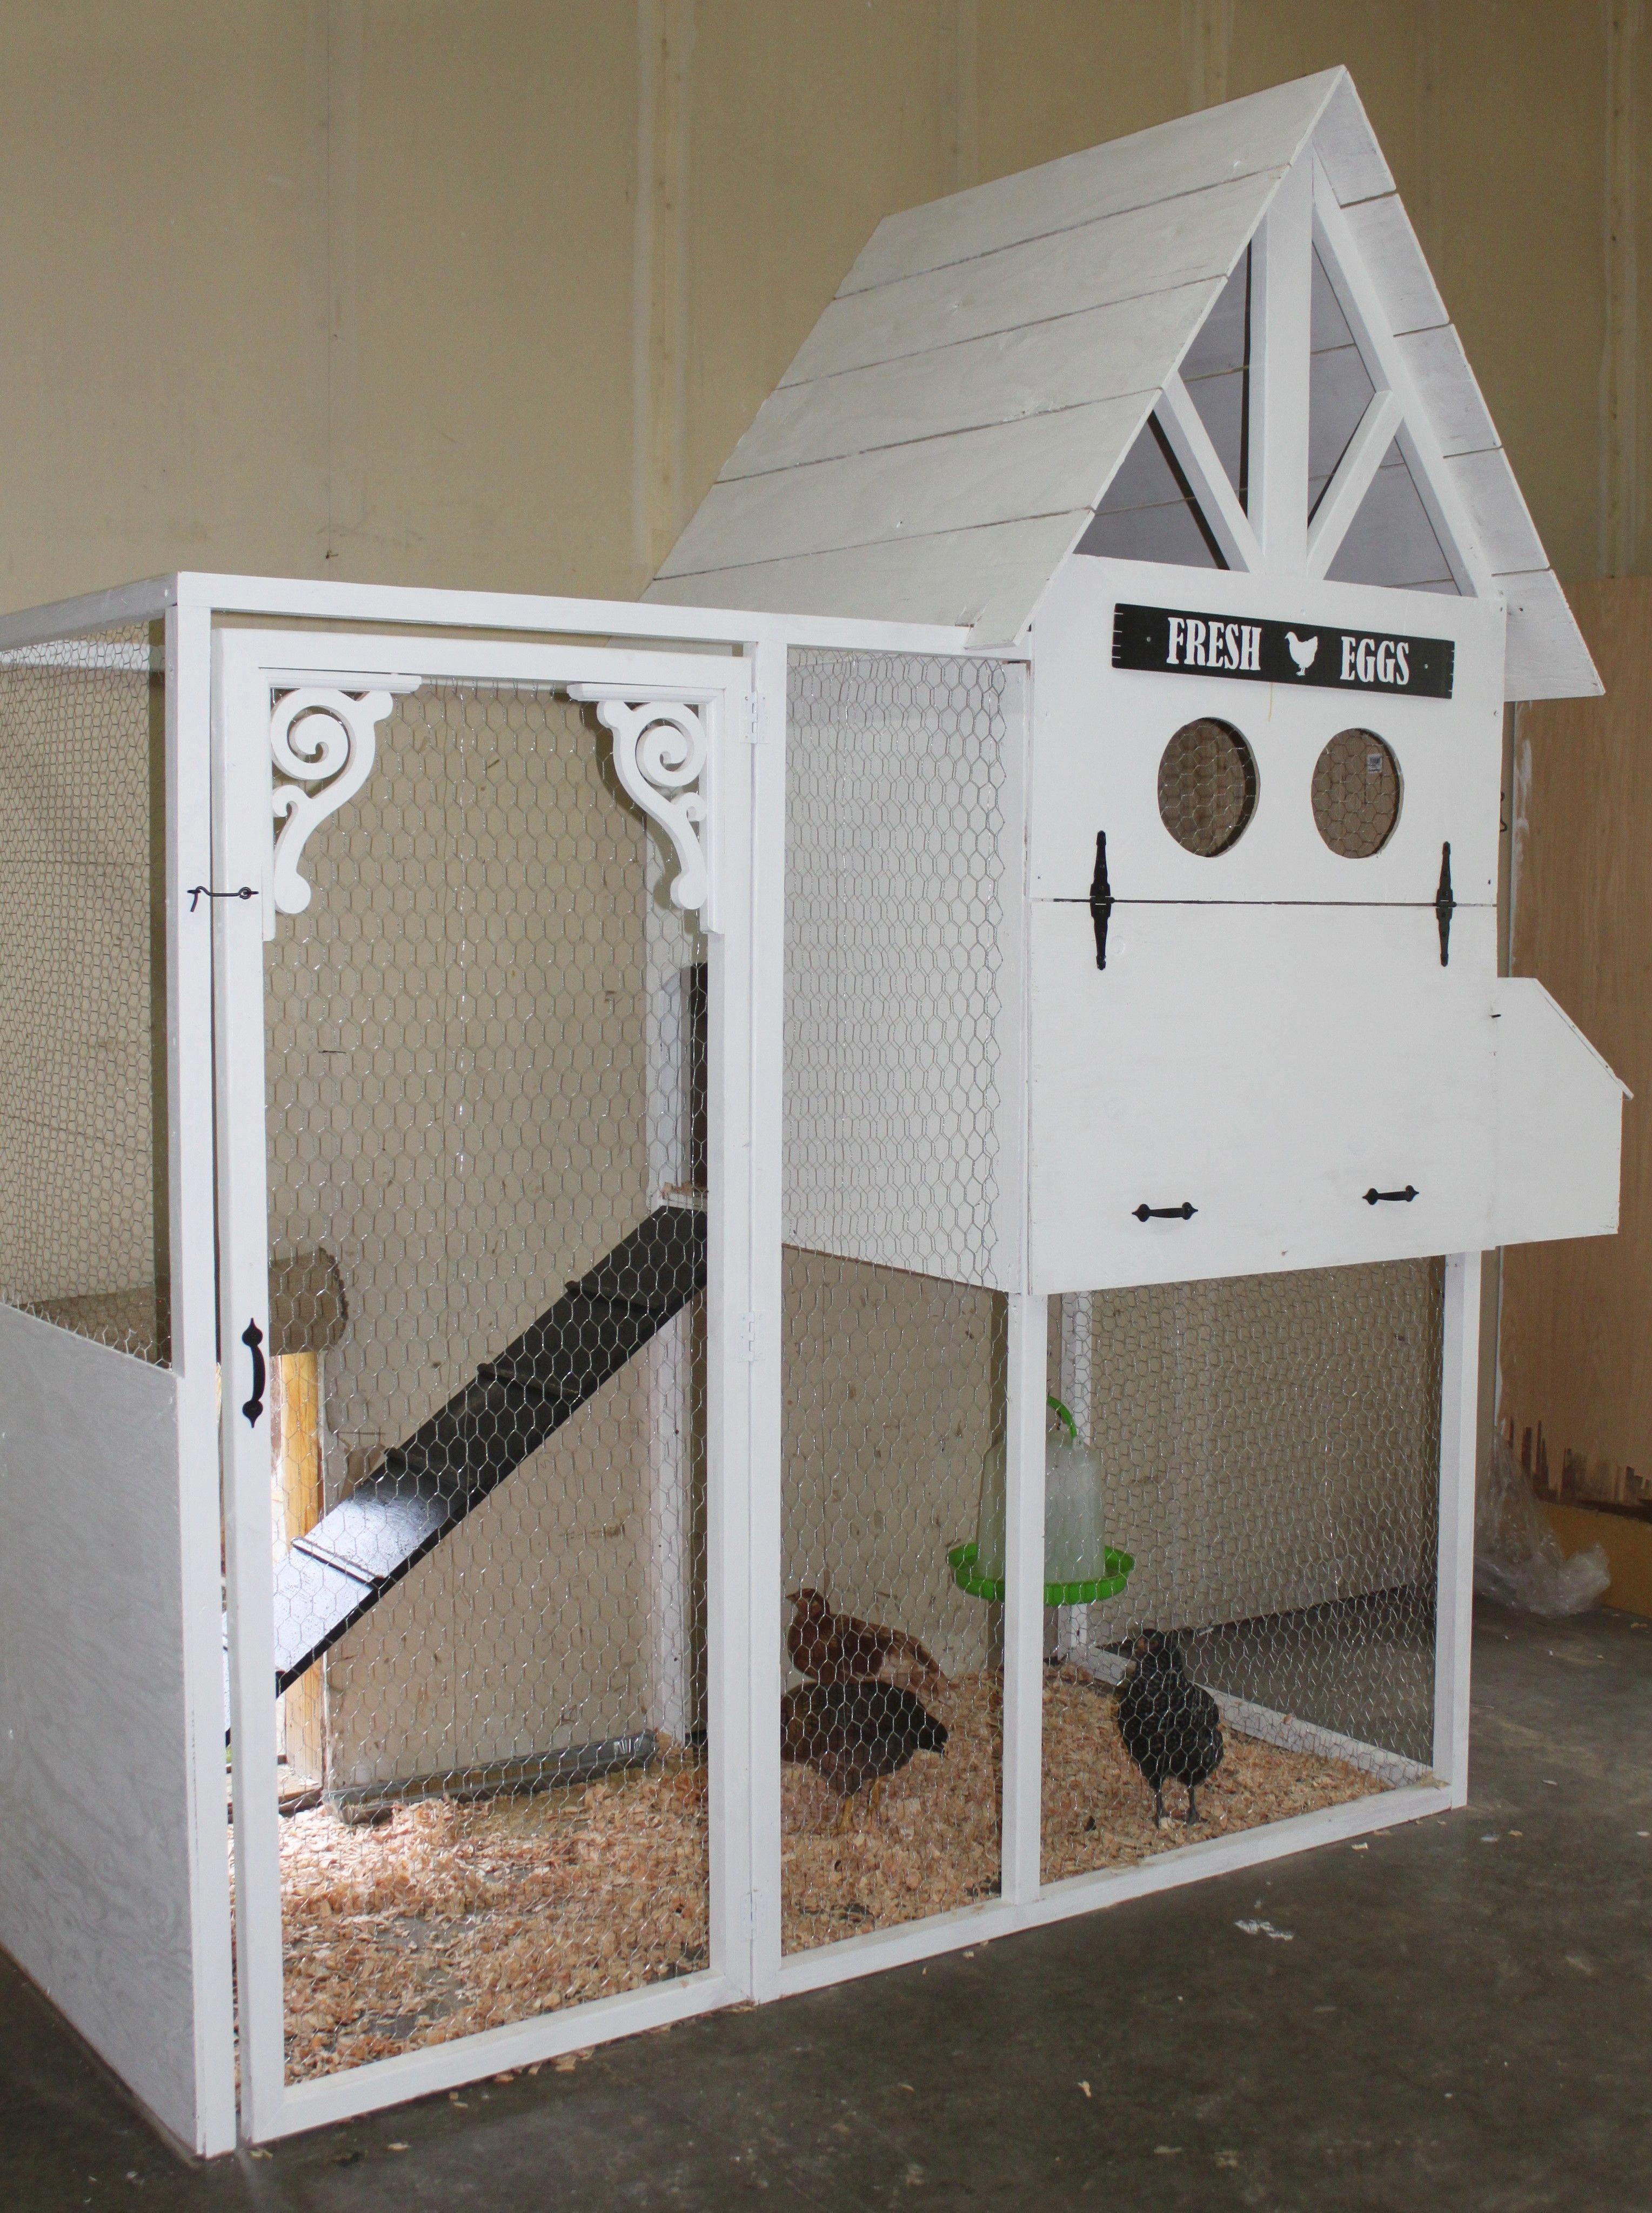 Image Result For Indoor Chicken Coop Chickencage Chicken Diy Diy Chicken Coop Plans Diy Chicken Coop